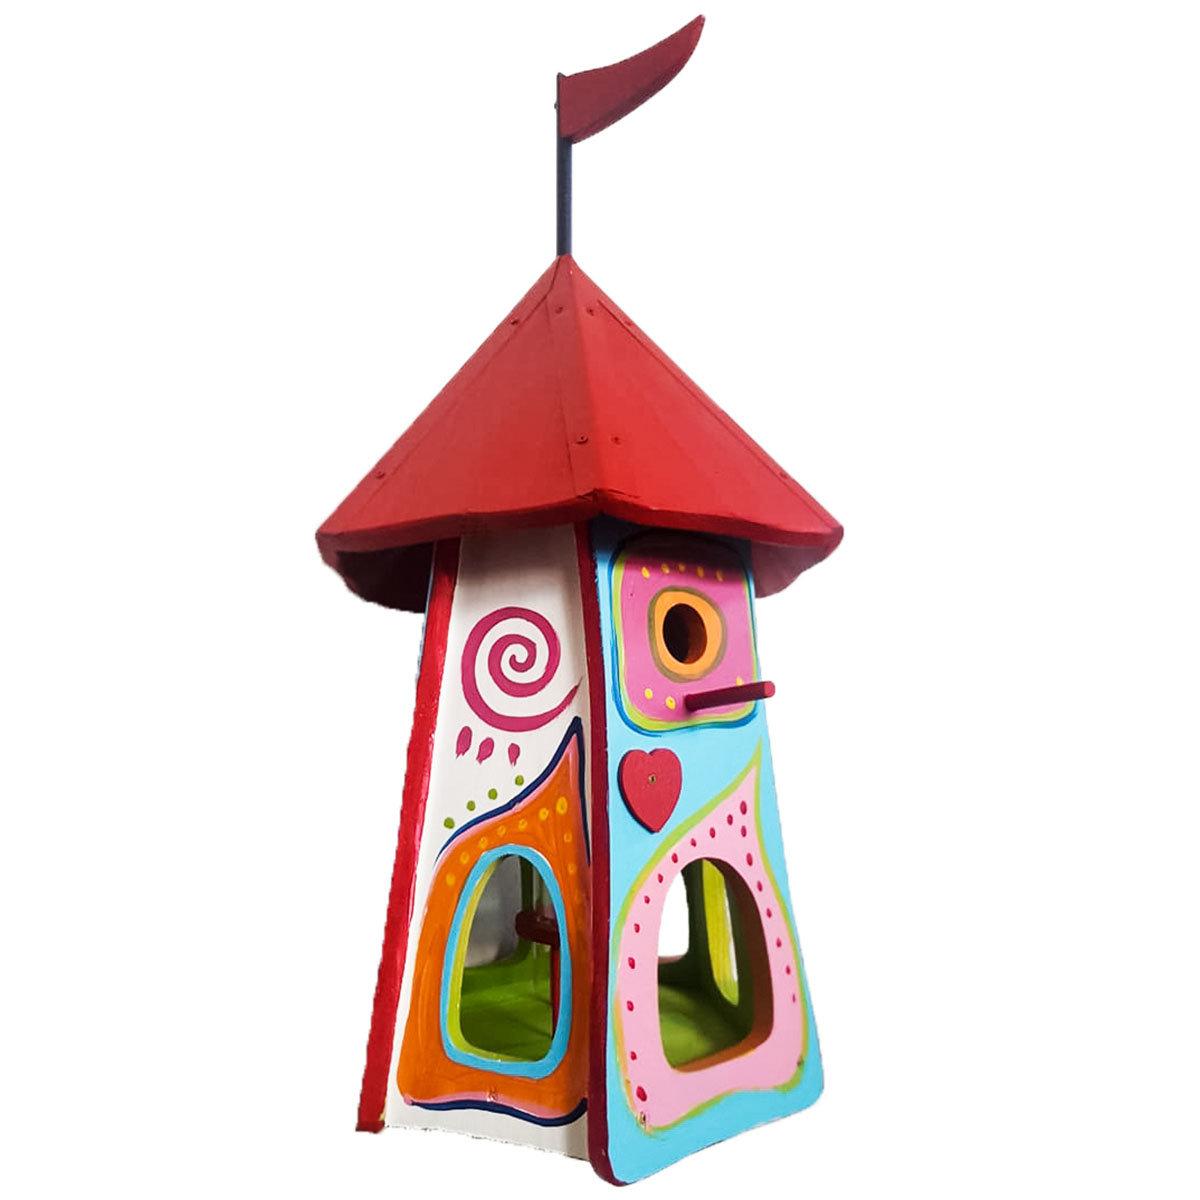 Nistkasten mit Vogelhaus Gute Laune | #2